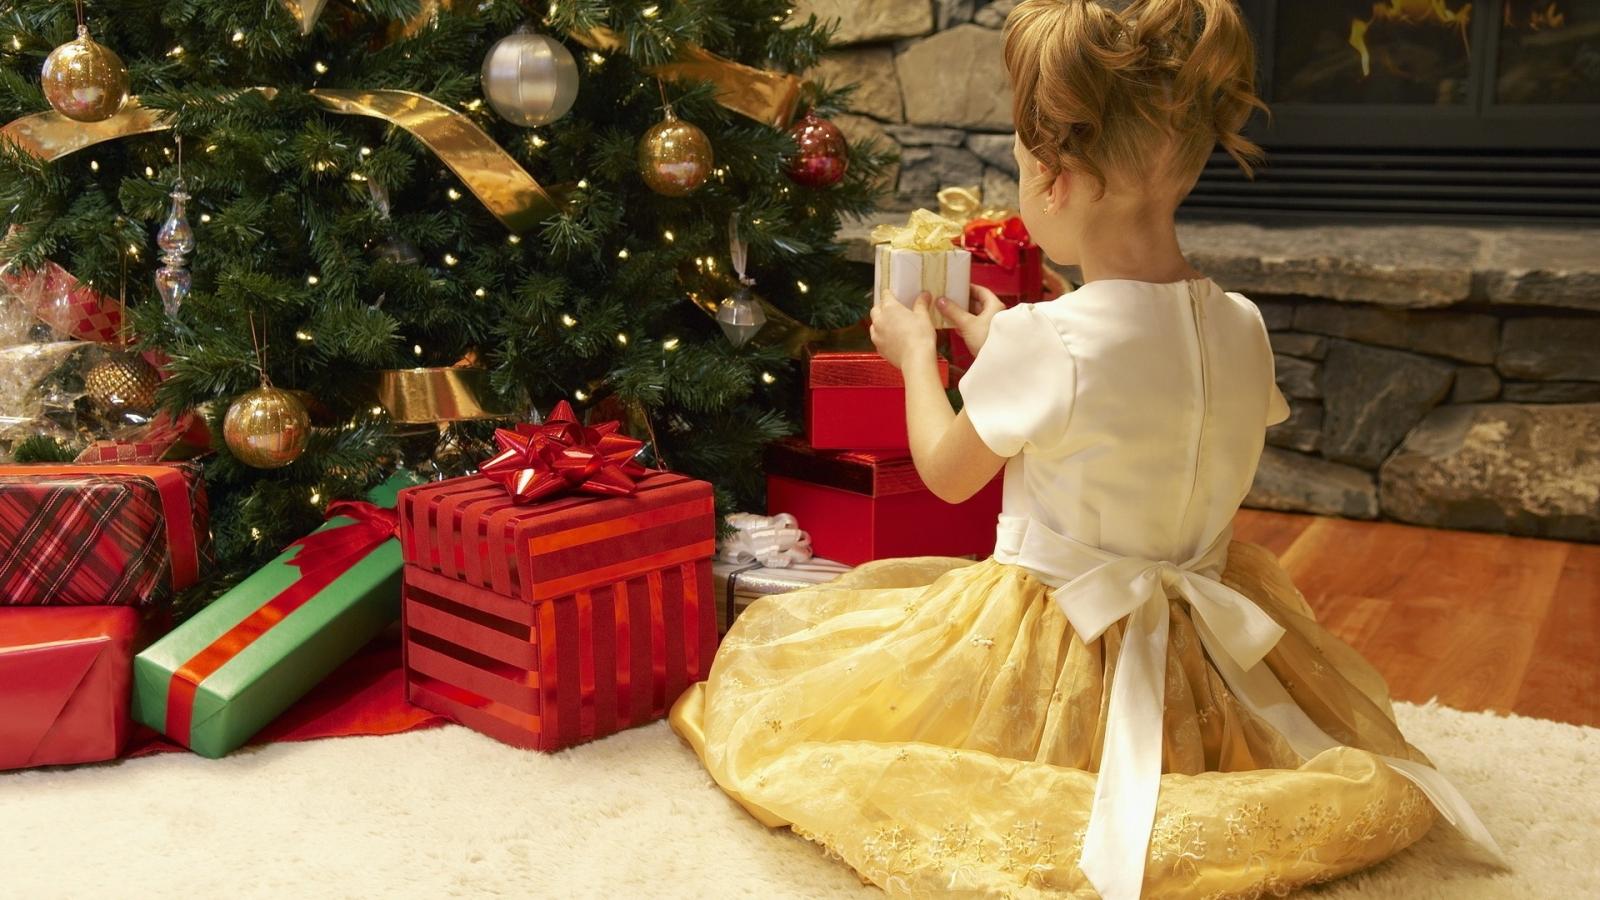 Niña arreglando el arbol de navidad - 1600x900